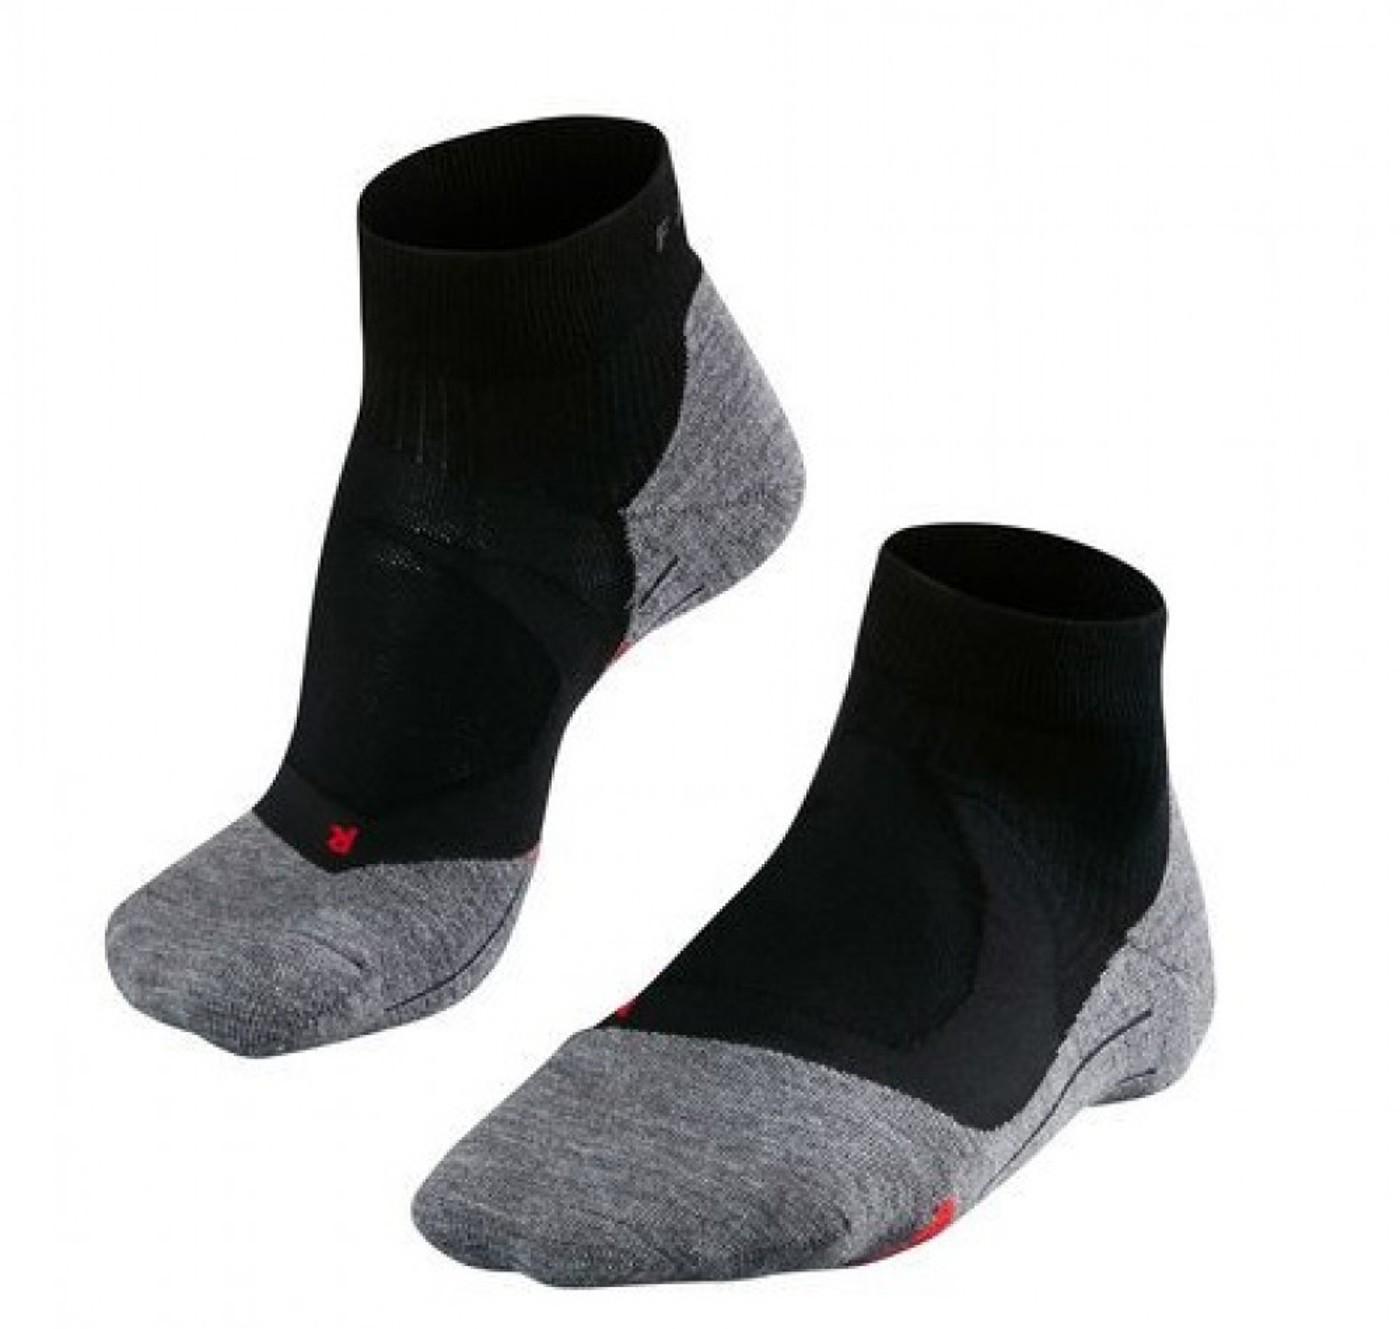 FALKE Socke RU4 Cushion - Herren